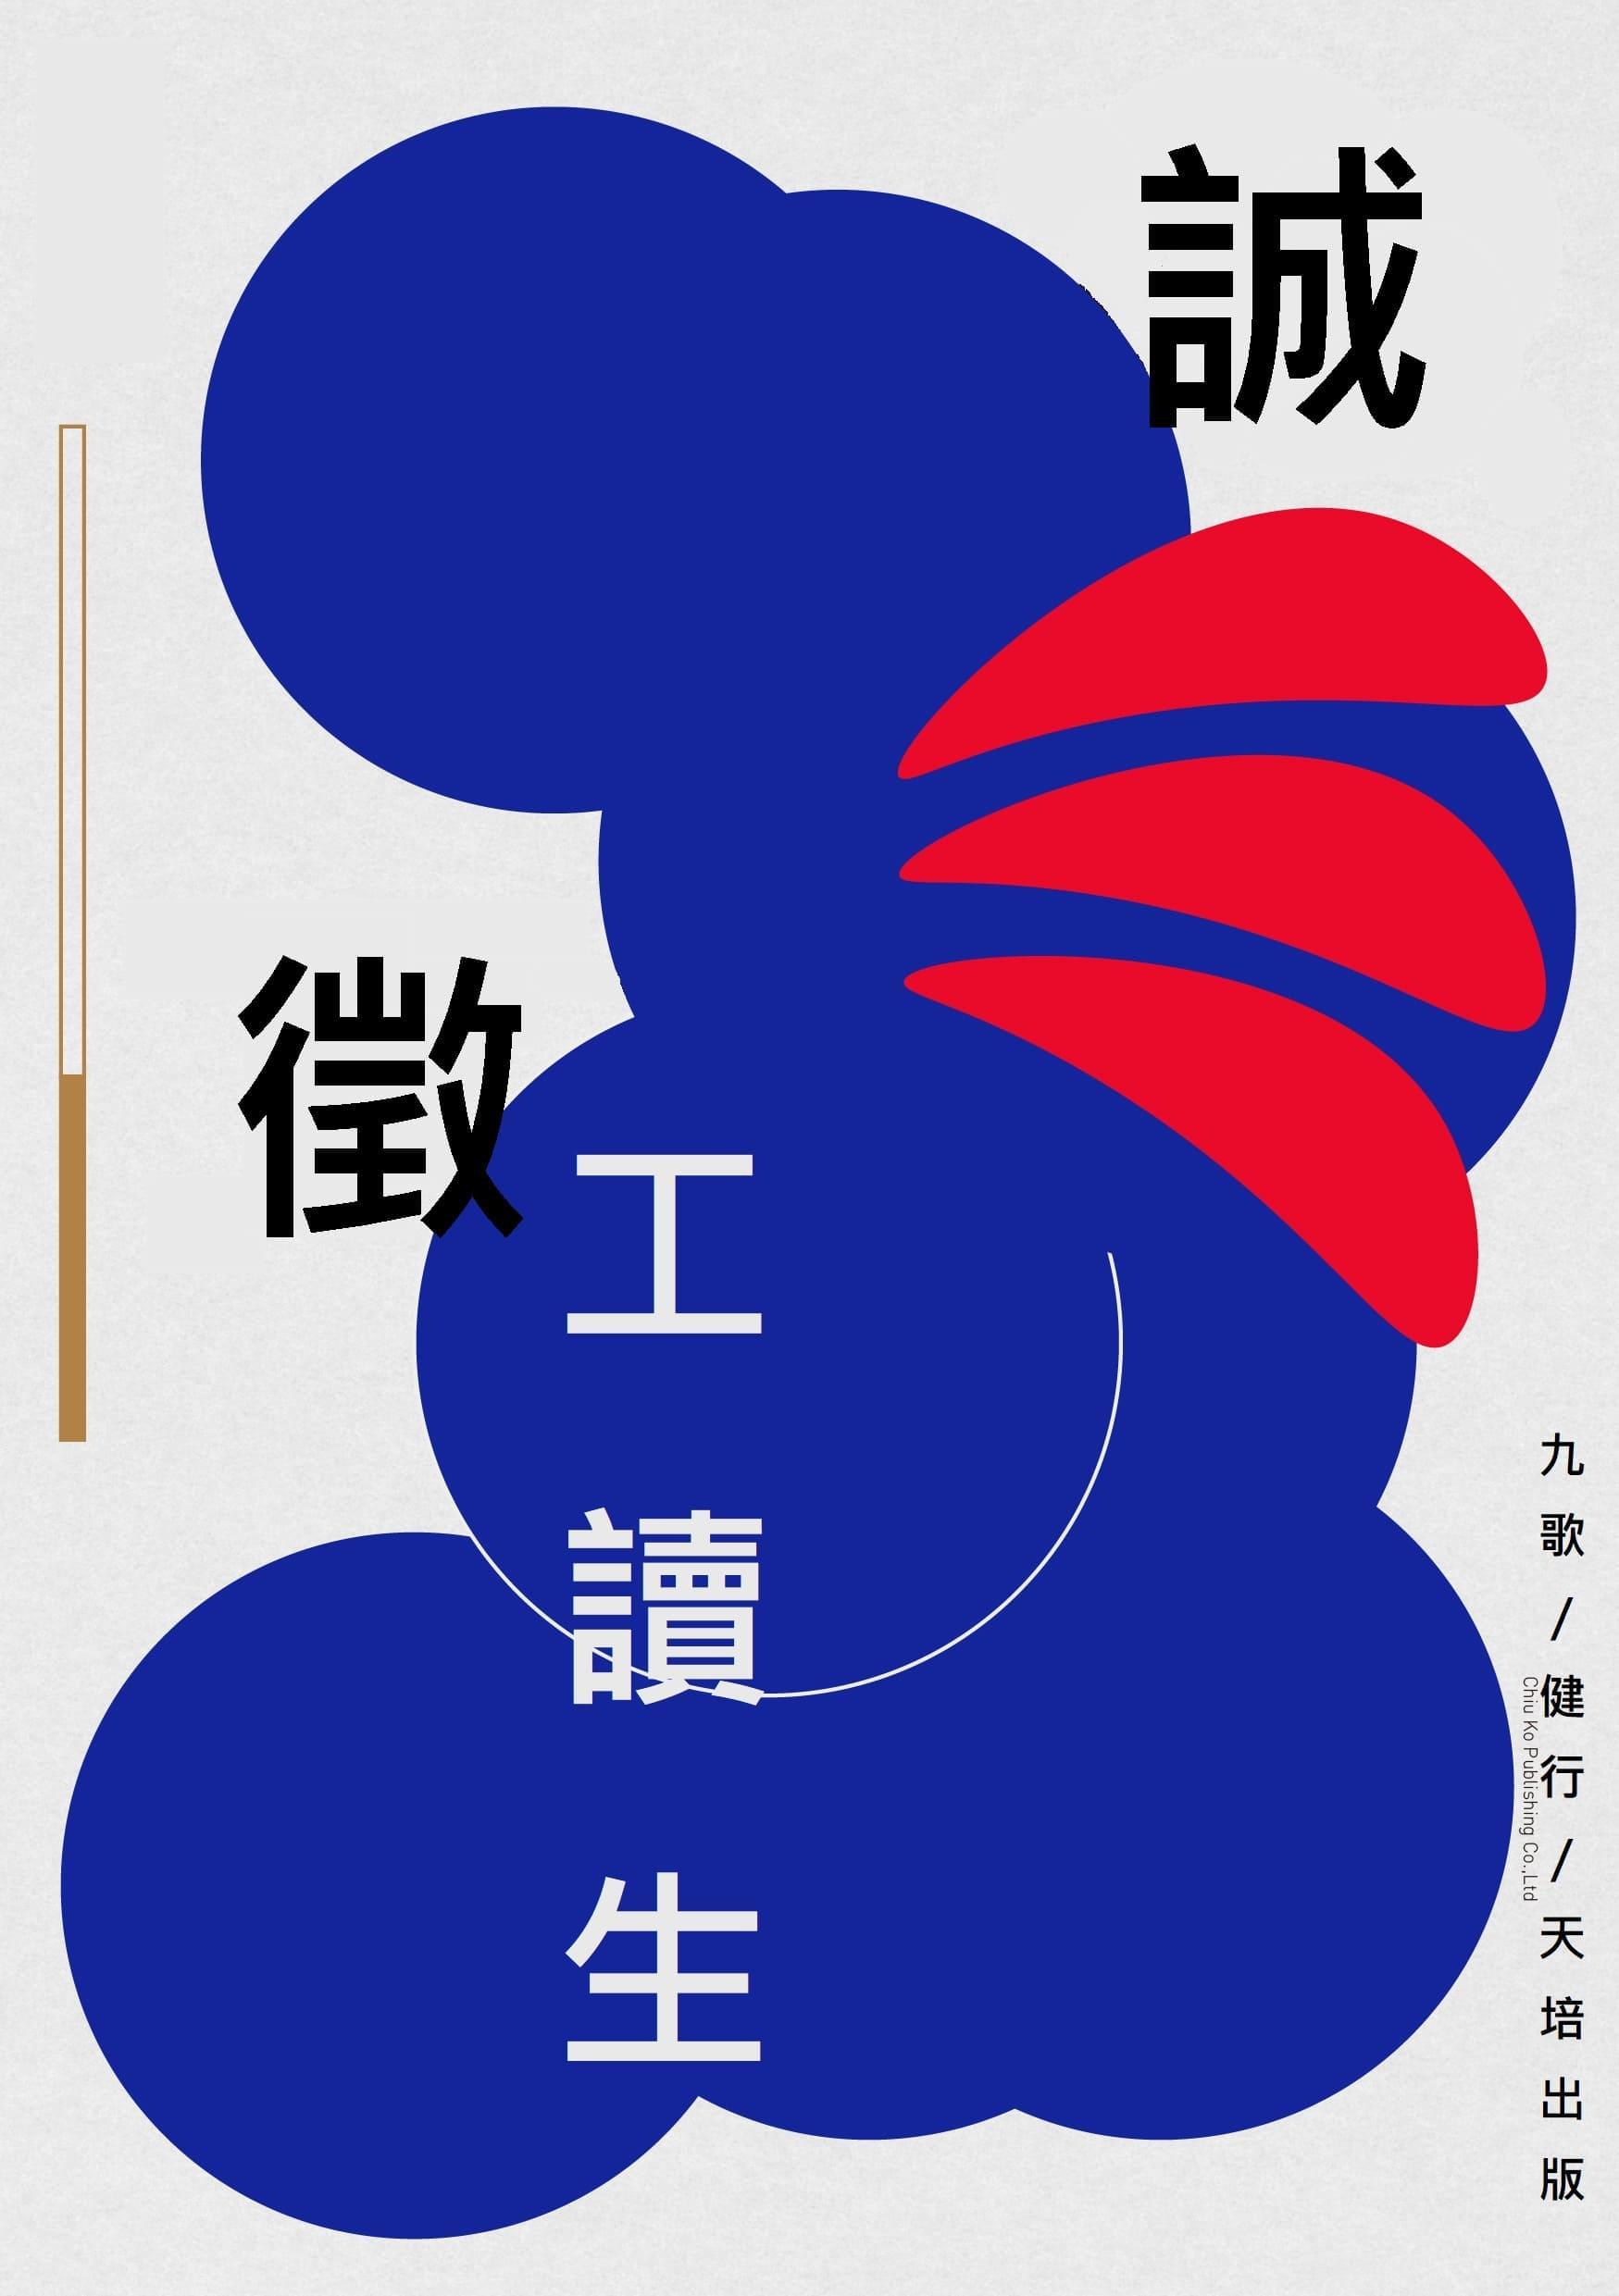 誠徵工讀生 (1) (1)